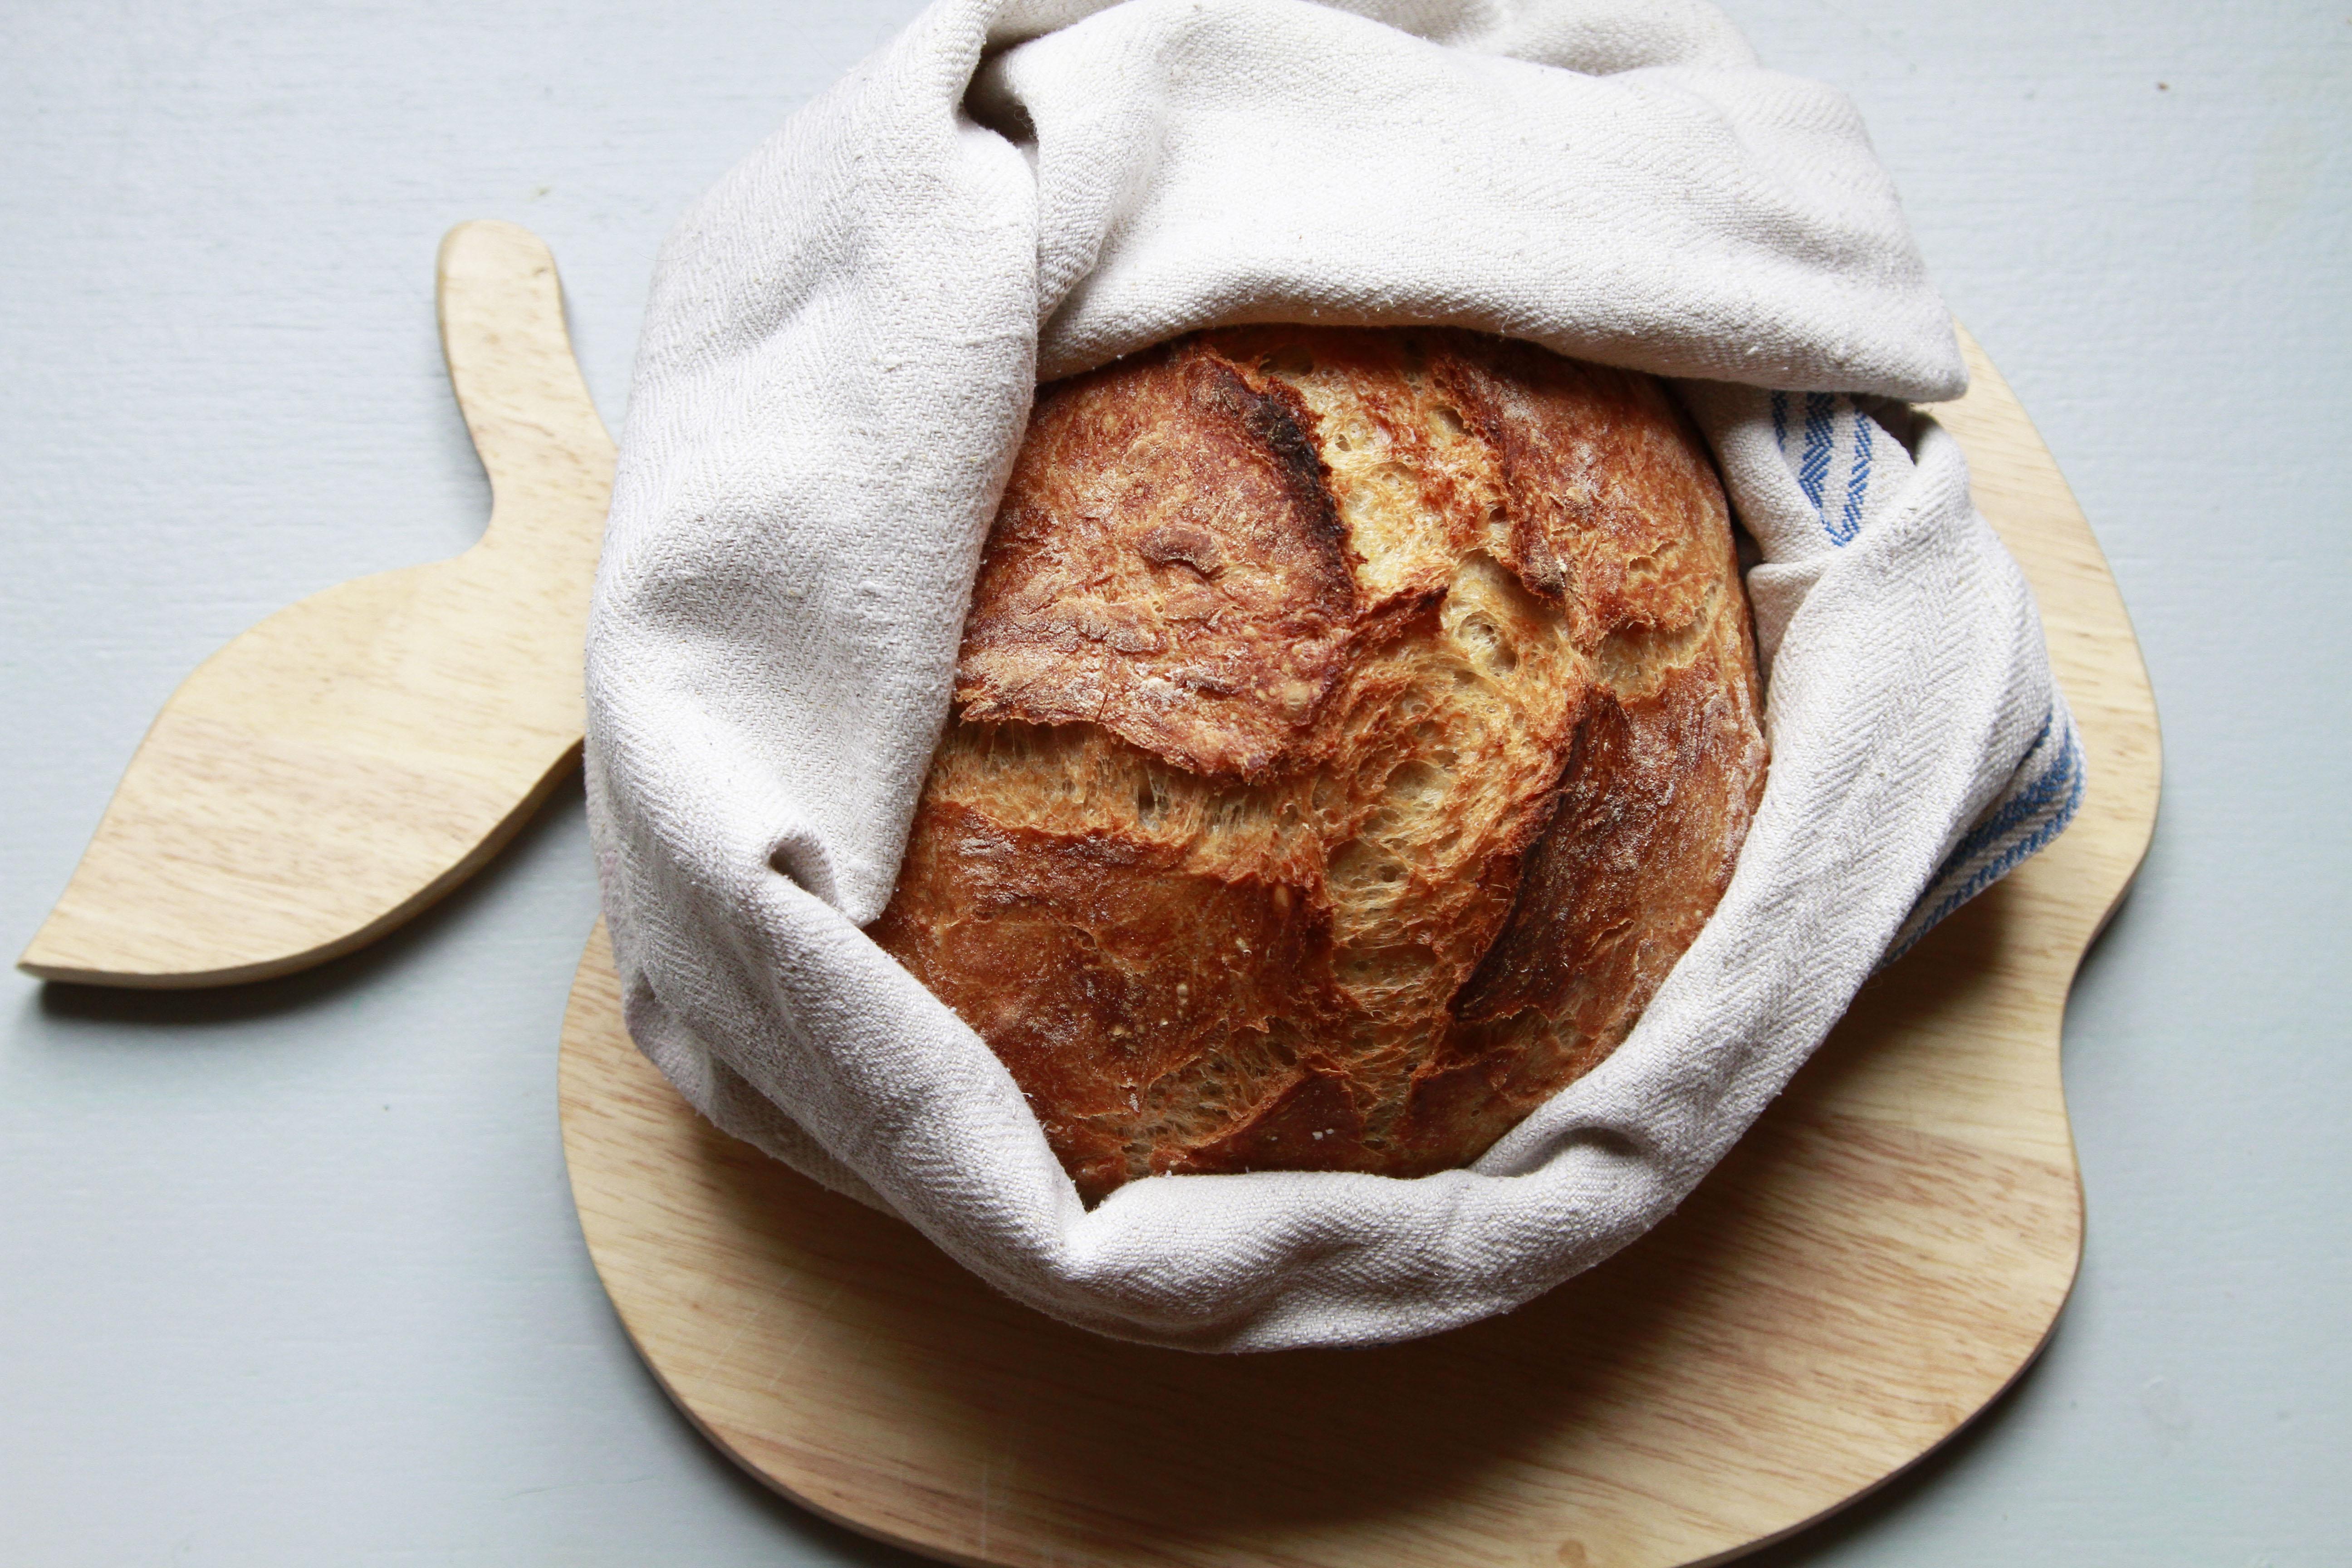 leipä3.jpg